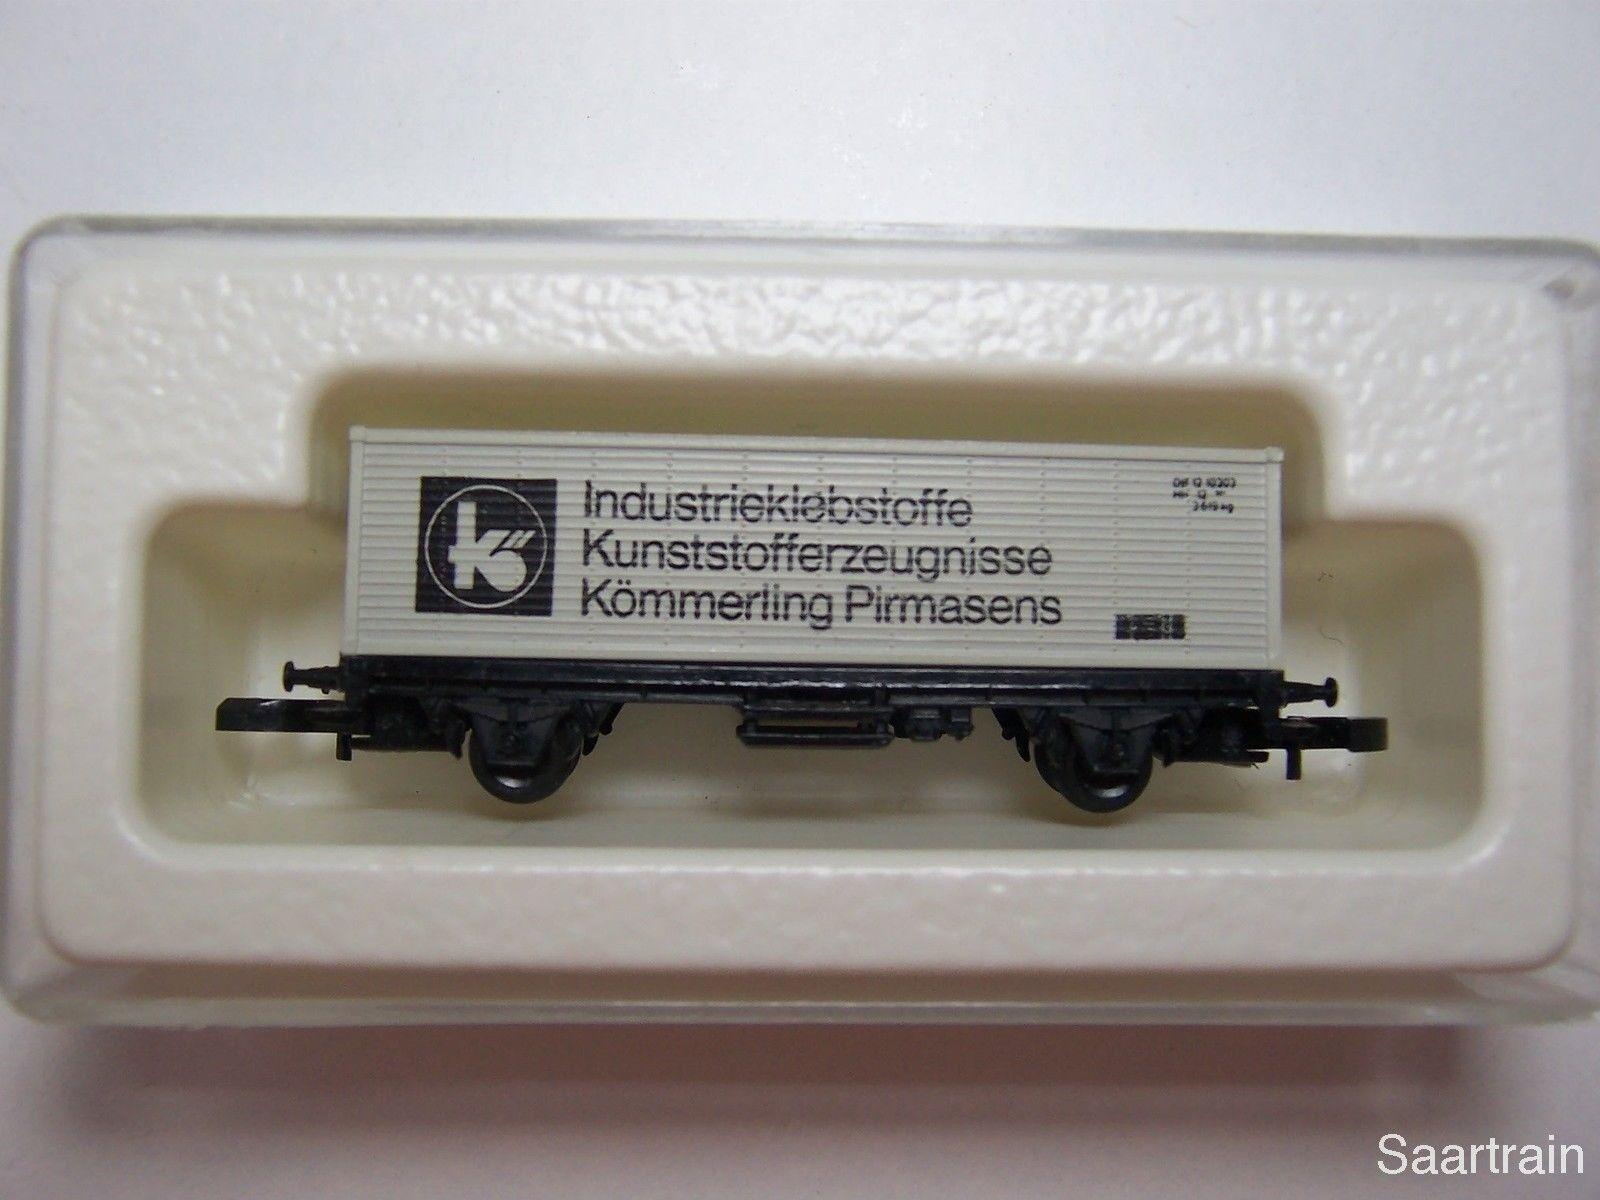 8615 container Carrello kömmerling Pirmasens da startset pubblicitari con BOX